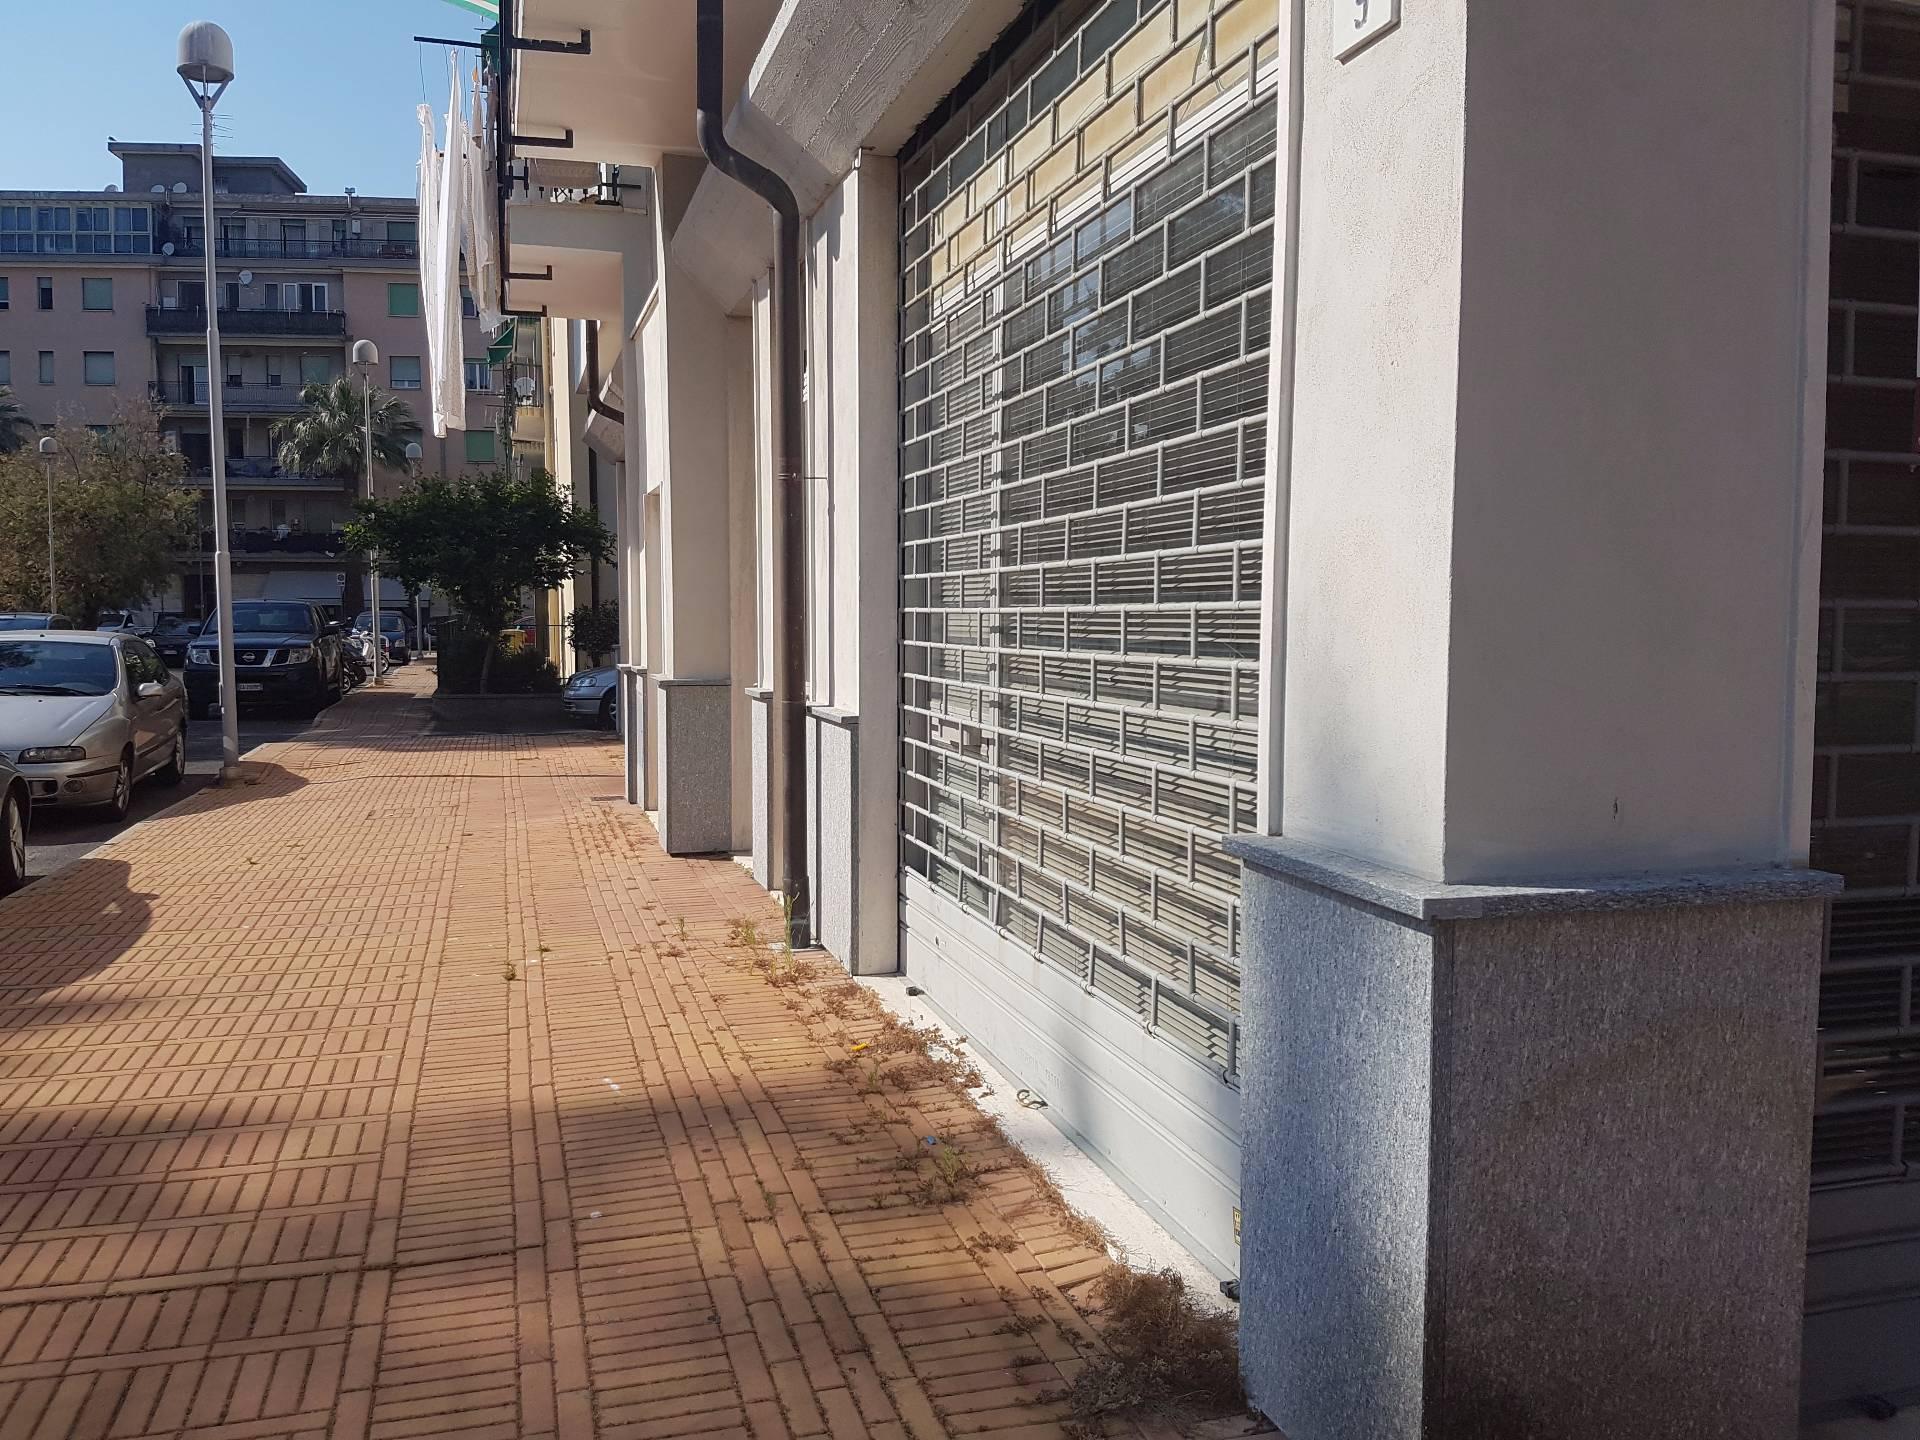 Negozio / Locale in vendita a Albenga, 9999 locali, prezzo € 200.000   Cambio Casa.it